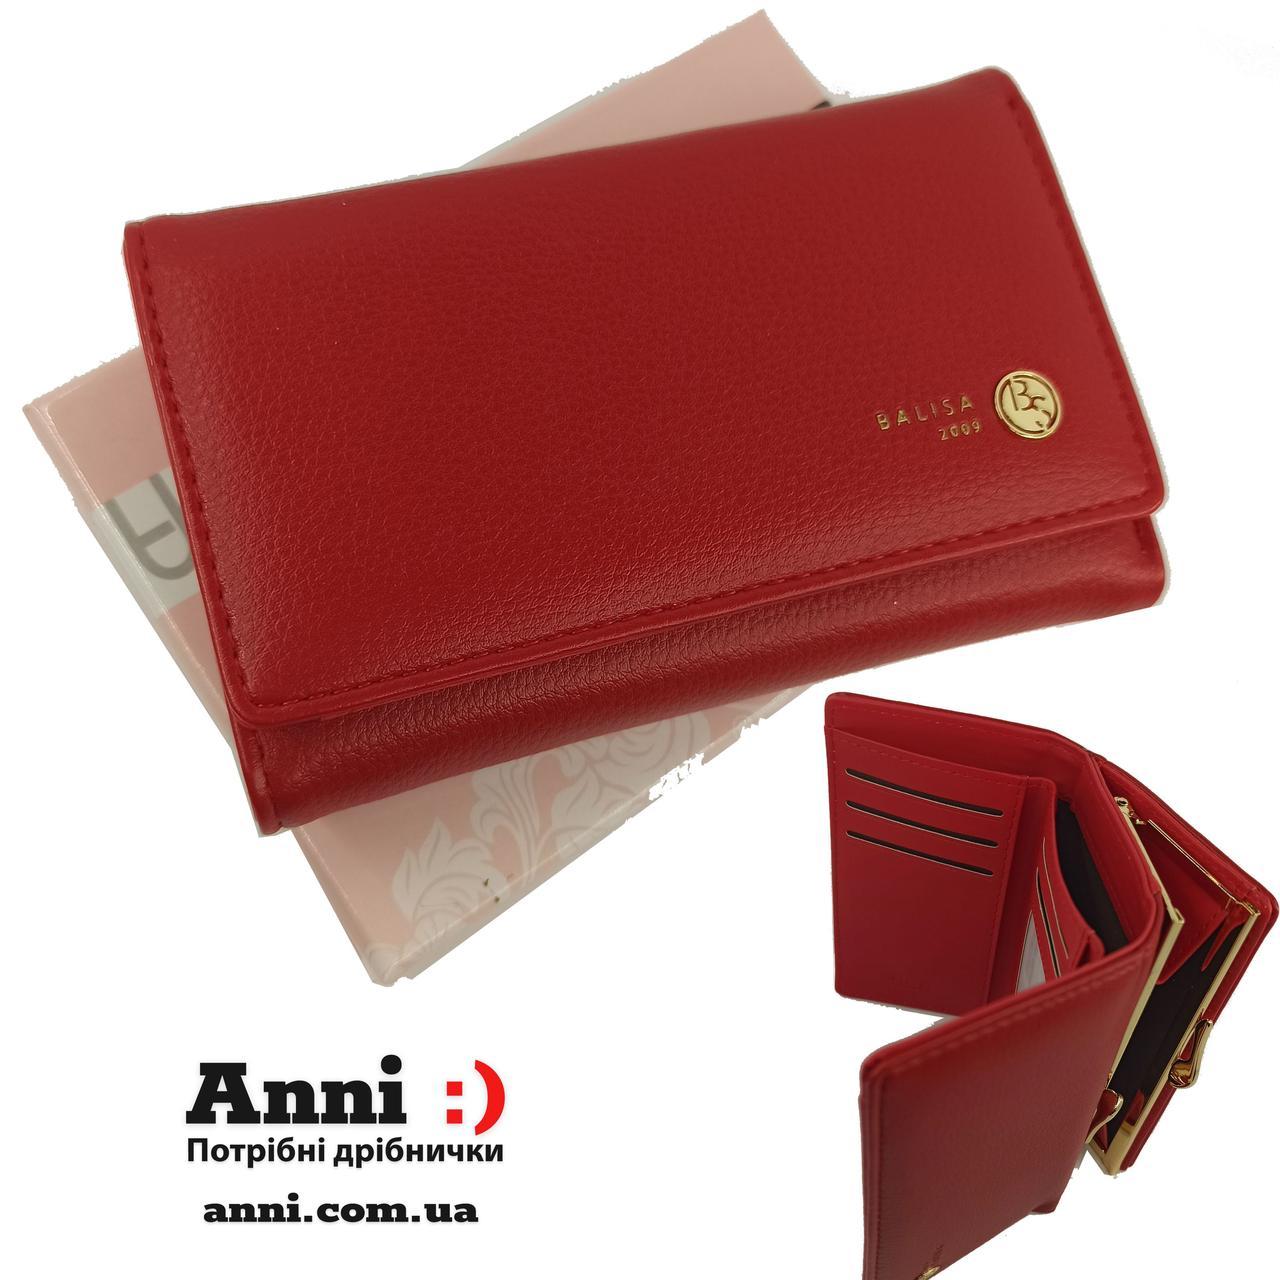 Невеликий класичний жіночий гаманець портмоне з якісної PU шкіри 13.5 см *8.5 см